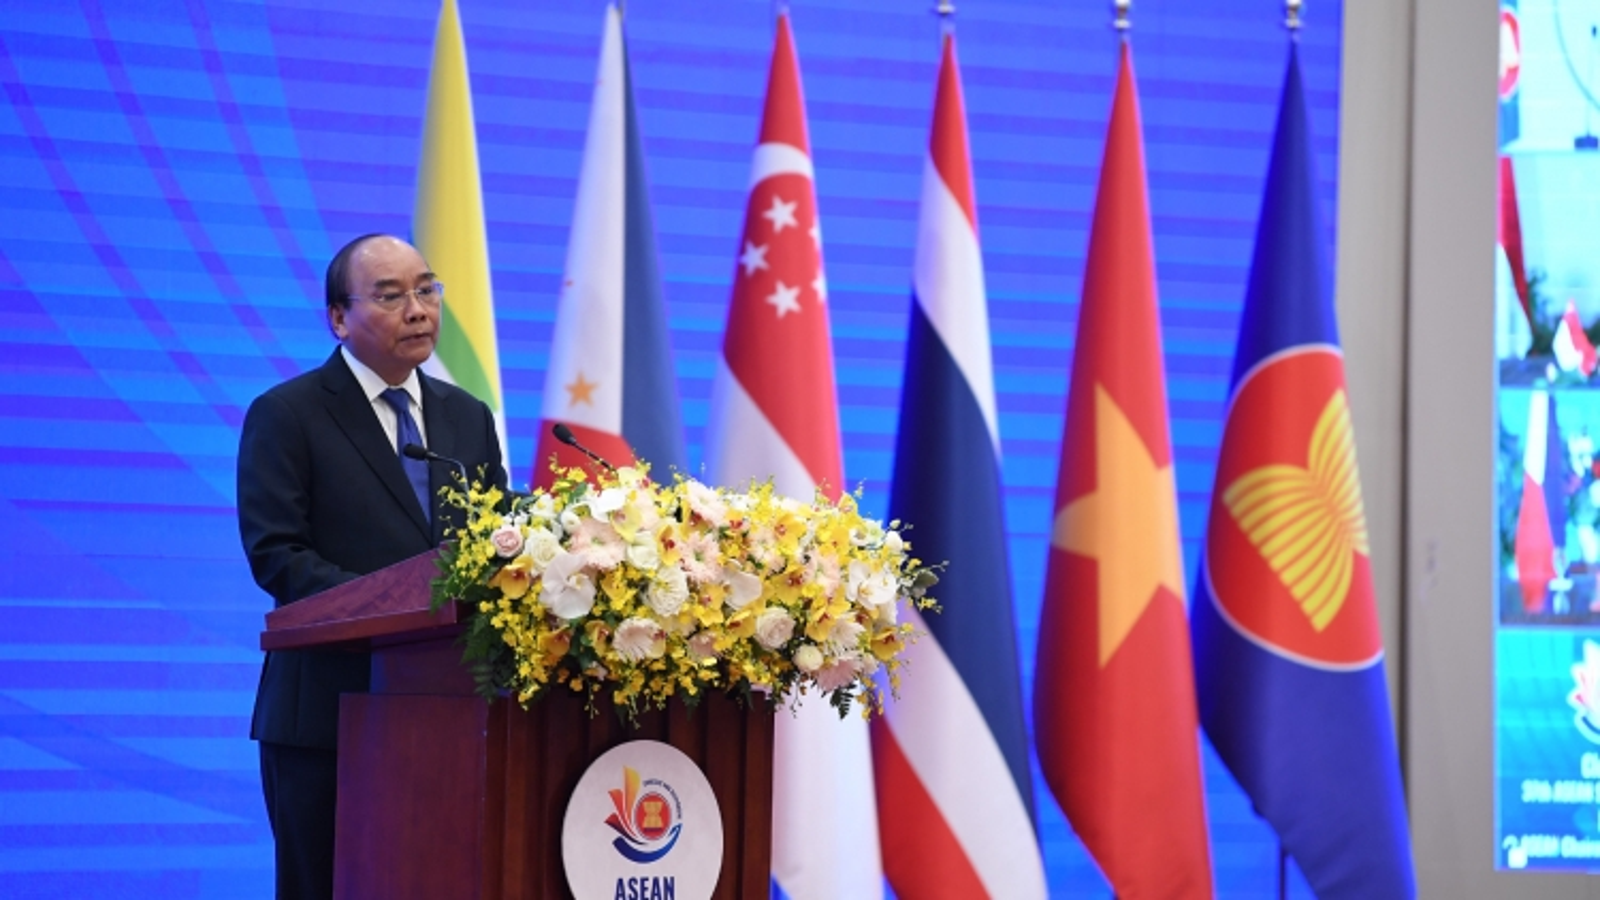 """Bế mạc Hội nghị cấp cao ASEAN 37: """"Chúng ta đã có những ngày làm việc rất hiệu quả"""""""